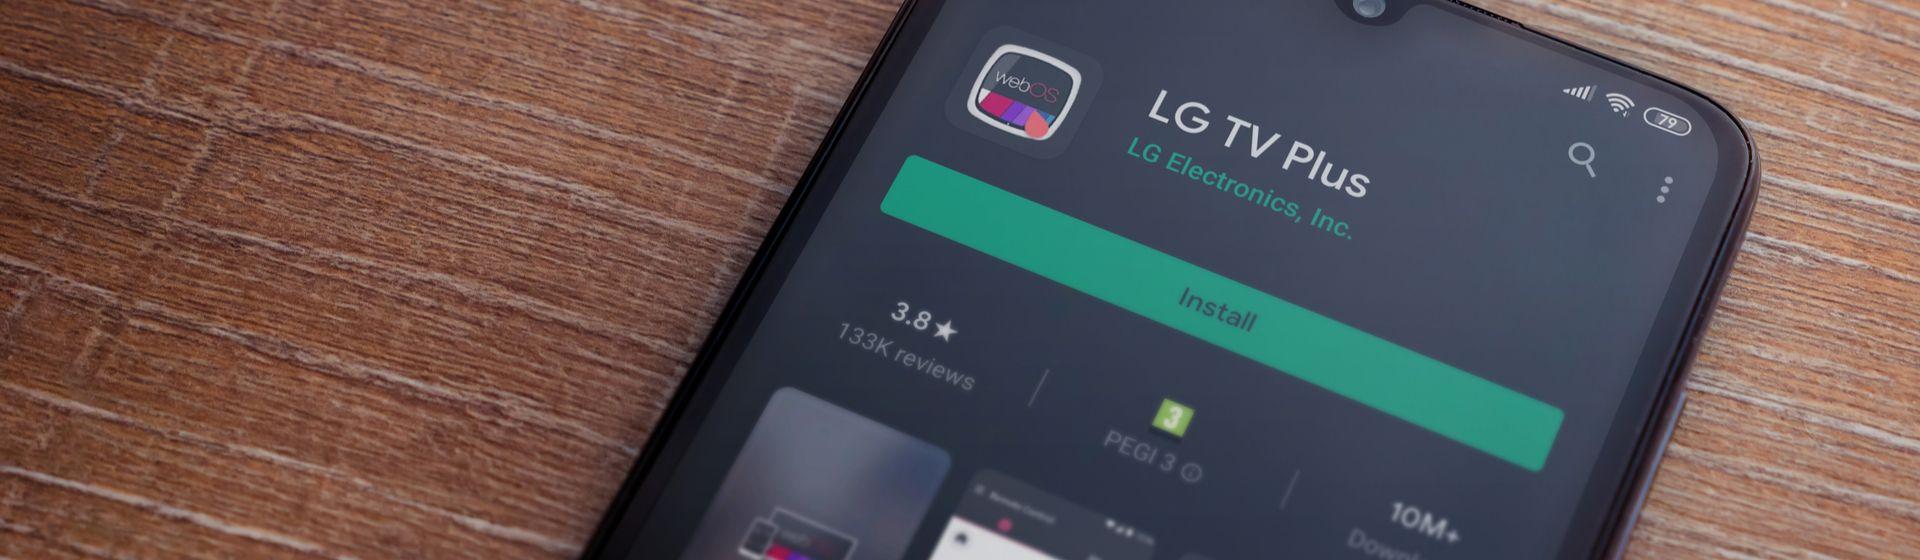 Como conectar o celular na TV LG?